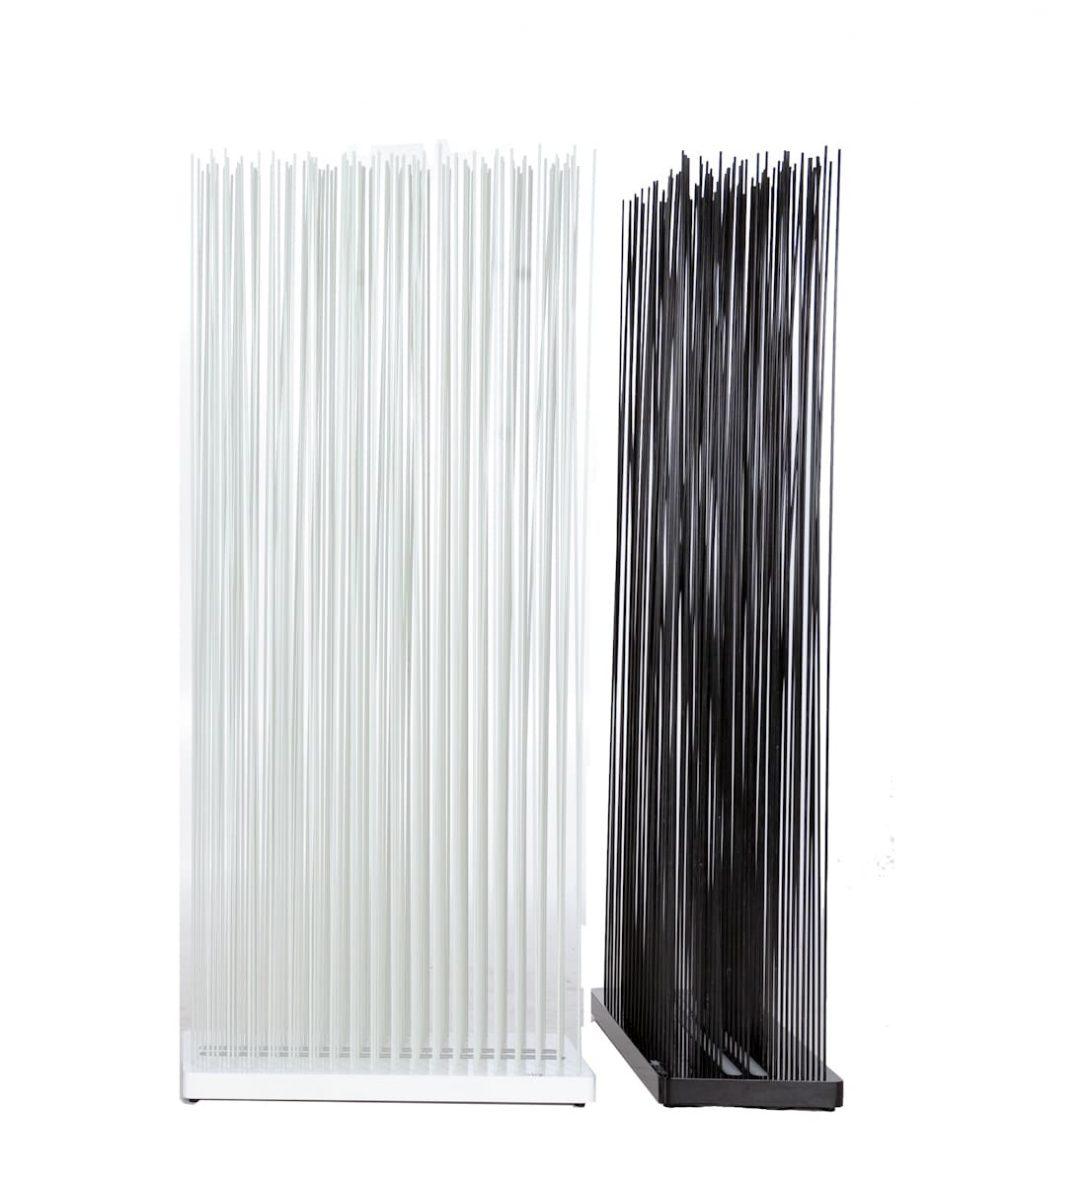 Large Size of Trennwand Balkon Holz Ikea Sichtschutz Glas Sondereigentum Metall Plexiglas Ohne Bohren Obi Wei Skydesignnews Garten Glastrennwand Dusche Wohnzimmer Trennwand Balkon